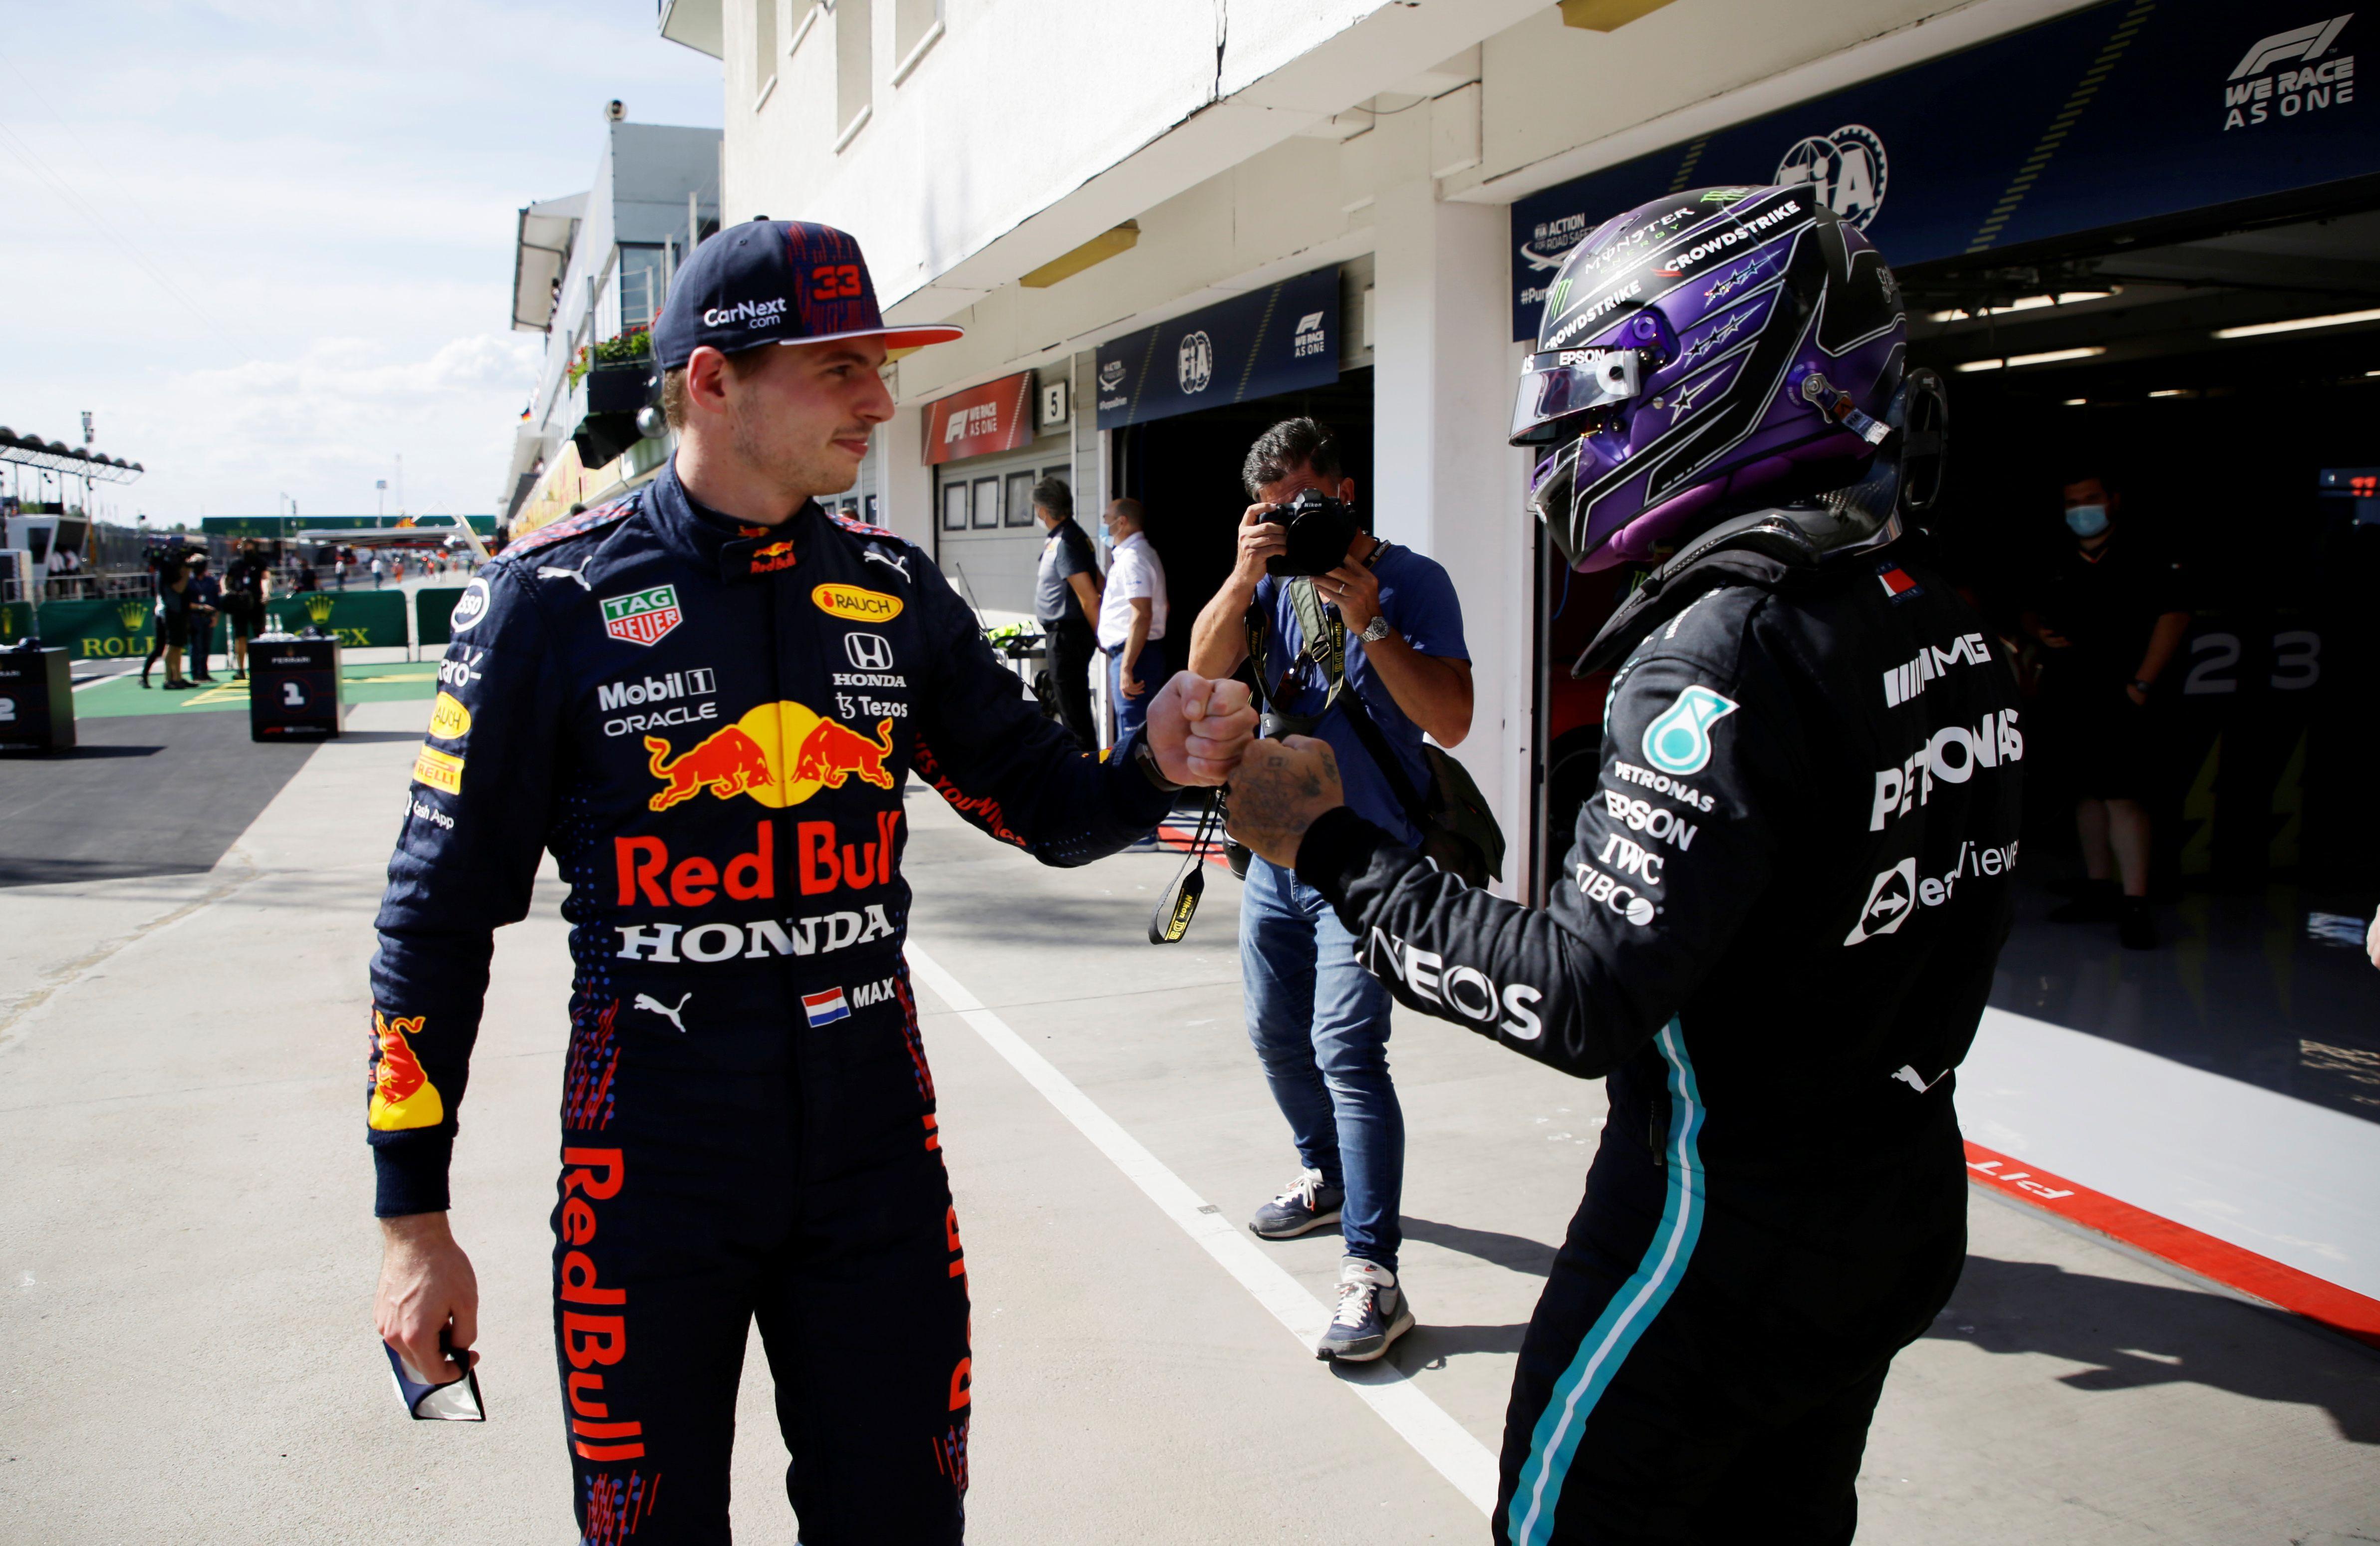 Lewis Hamilton y Max Verstappen tendrán un nuevo capítulo de su revalidad de este año en Hungría (Foto: REUTERS)